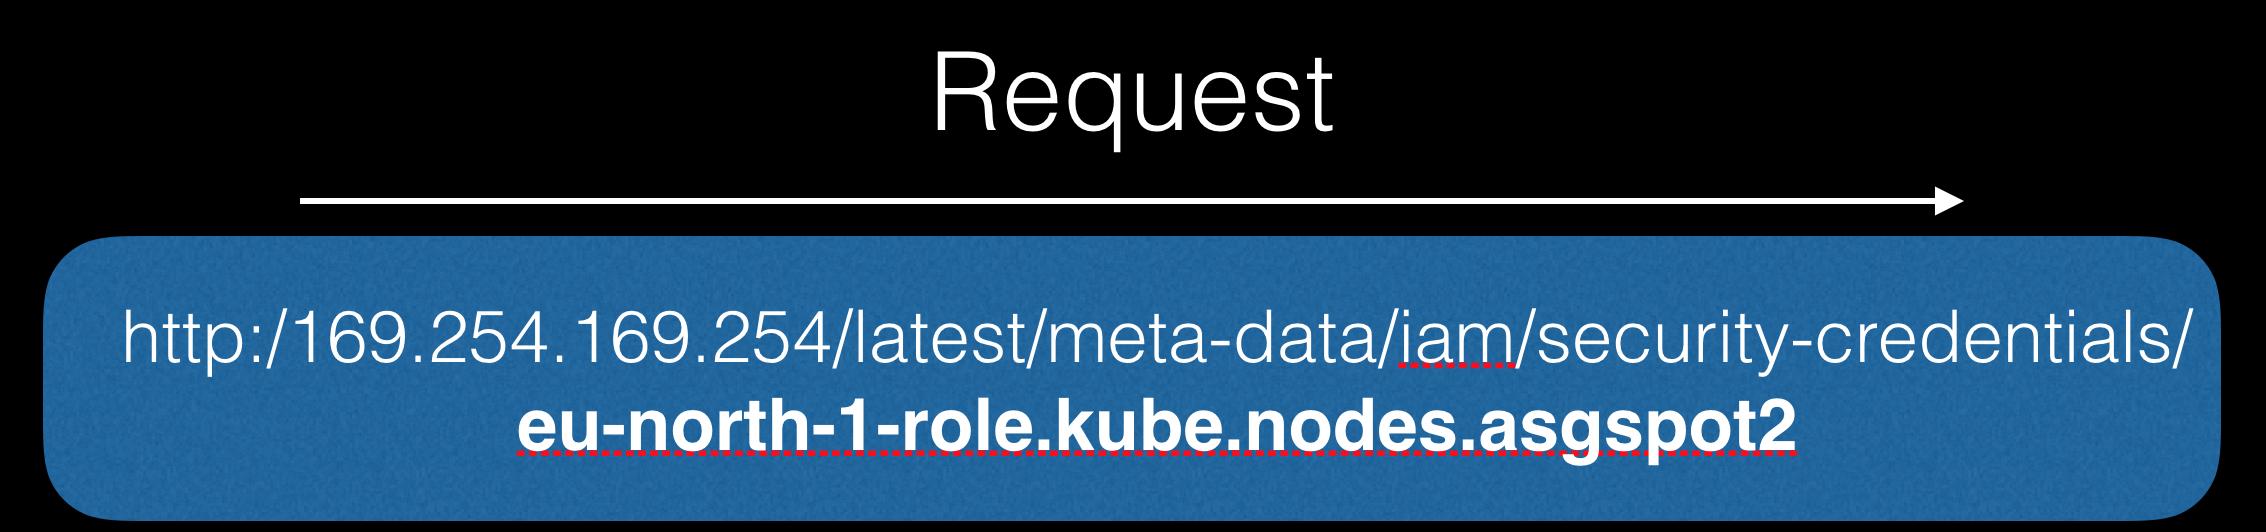 DNS rebinding в 2k19, или как по-настоящему вспотеть, посетив порносайт - 36